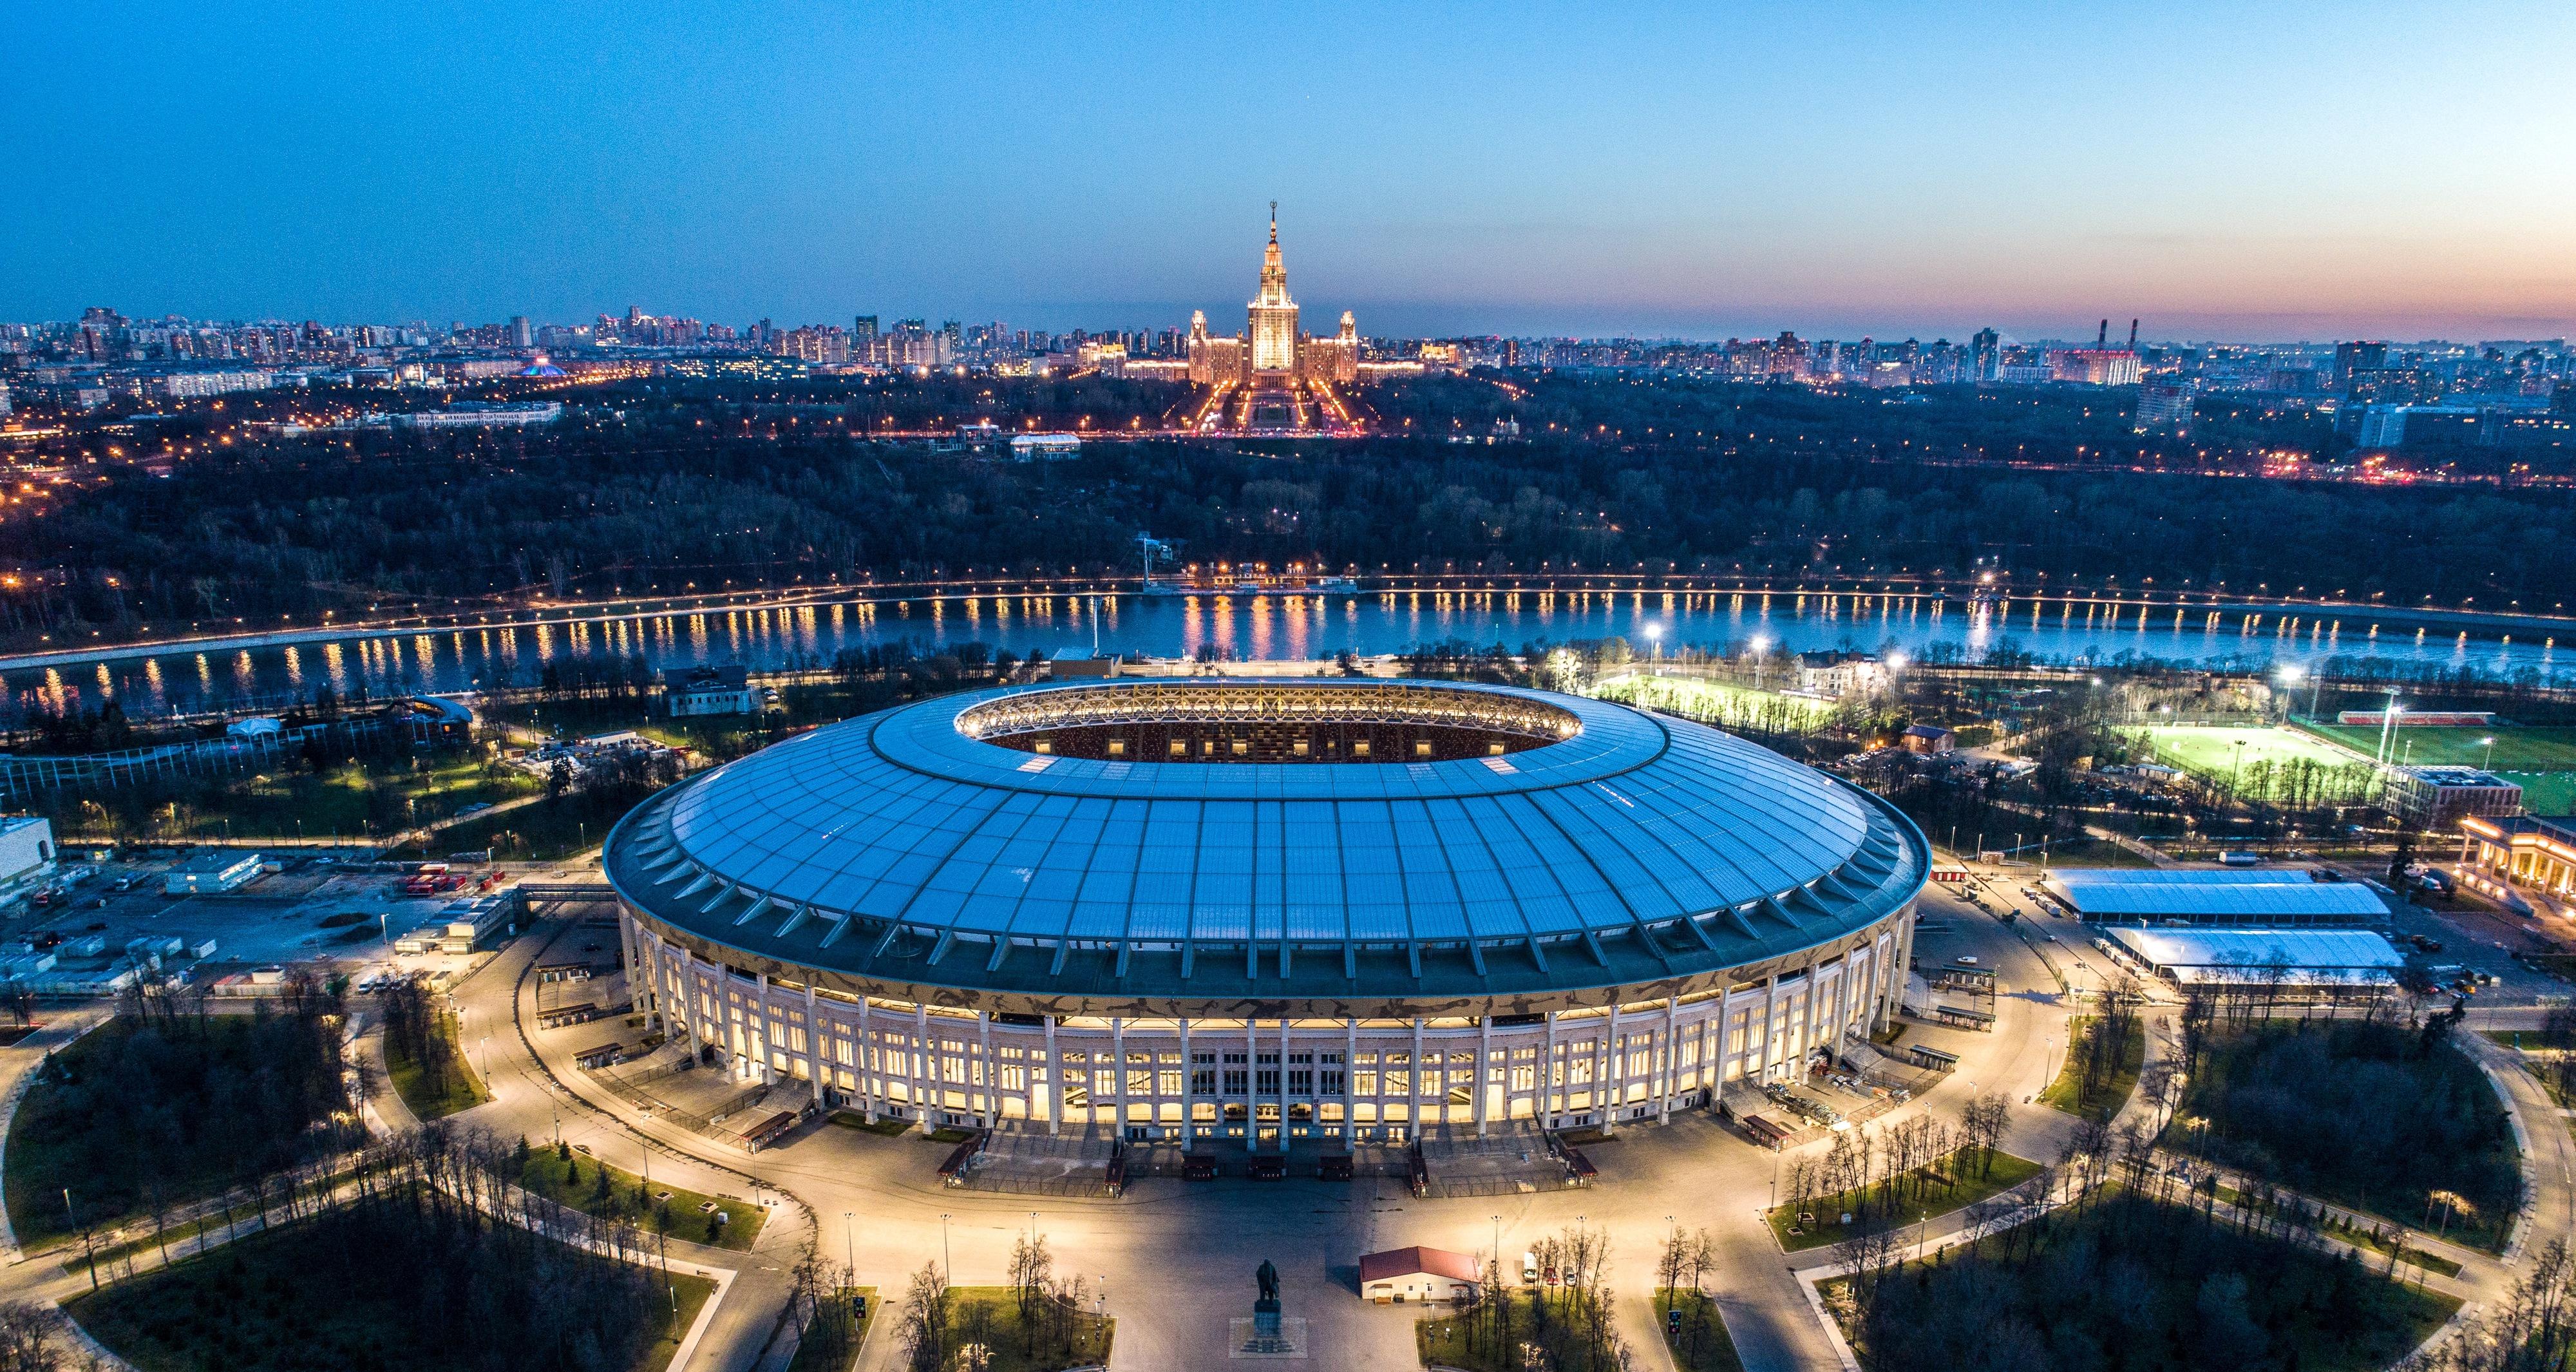 FOTOS: Conheça melhor o Estádio de Luzhniki, palco do Portugal-Marrocos